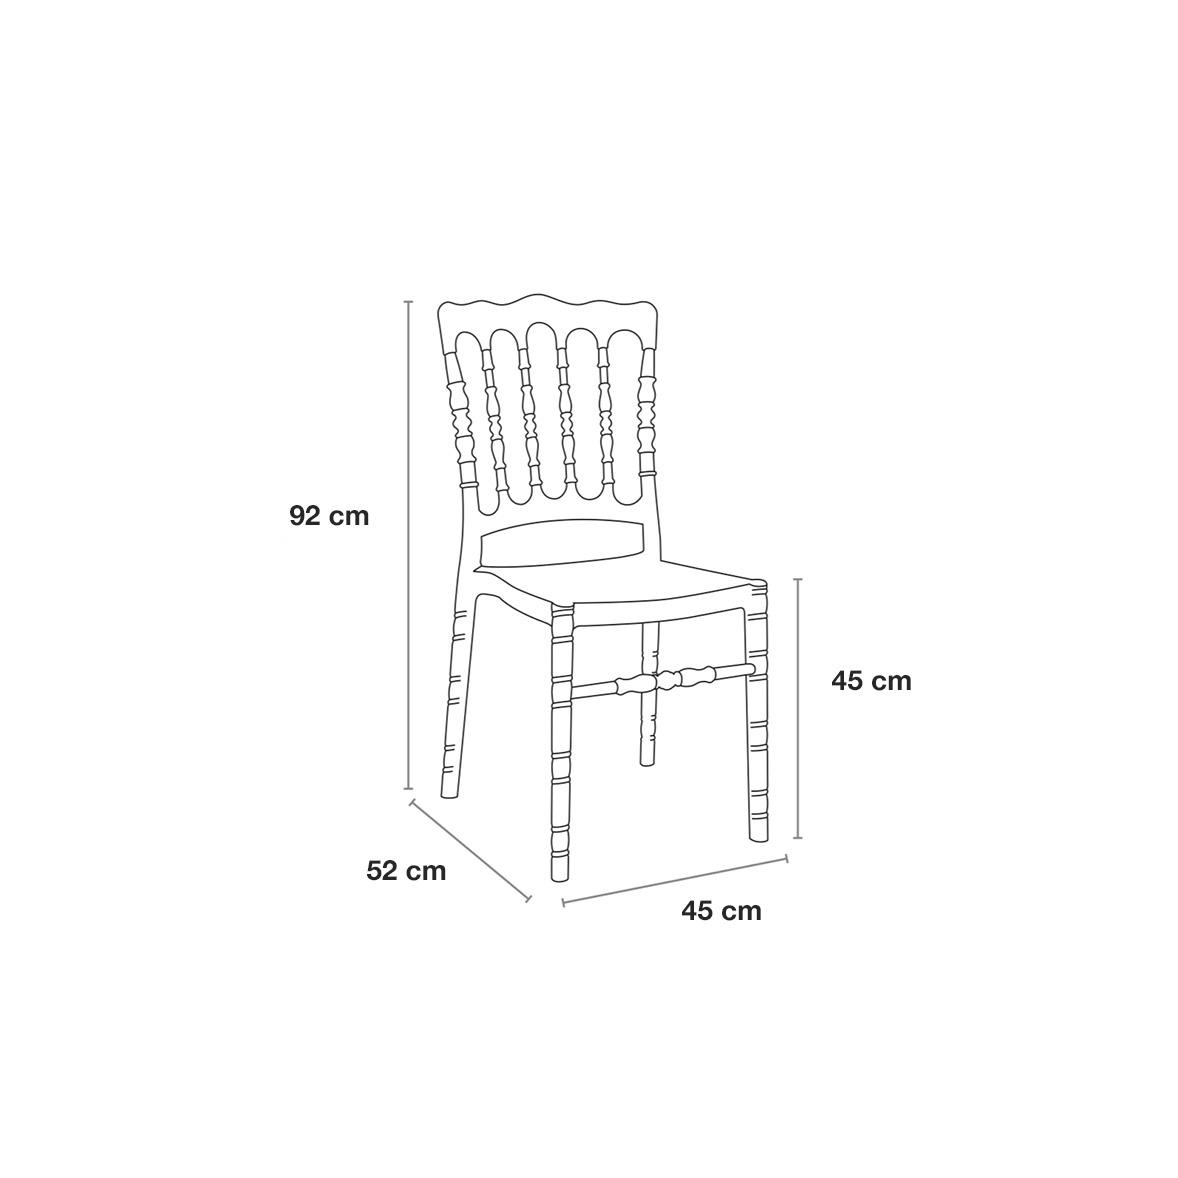 Permatomos kėdės išmatavimai